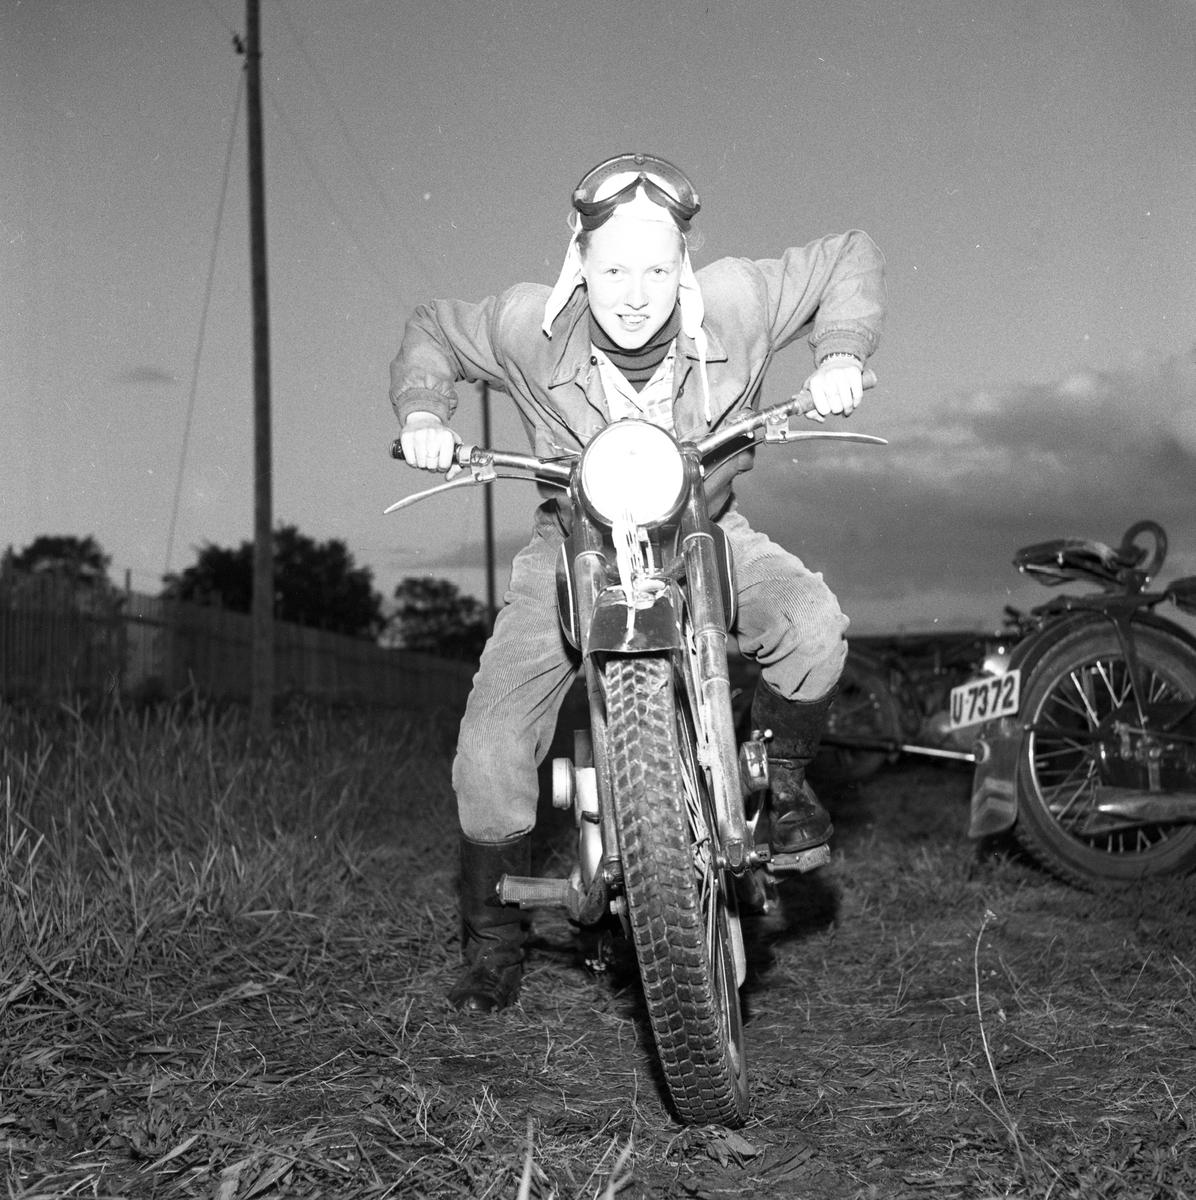 Arbogas Stjärnknutte Ung man på motorcykel. Han har vindglasögonen i pannan och ser ut att vara klädd i overall